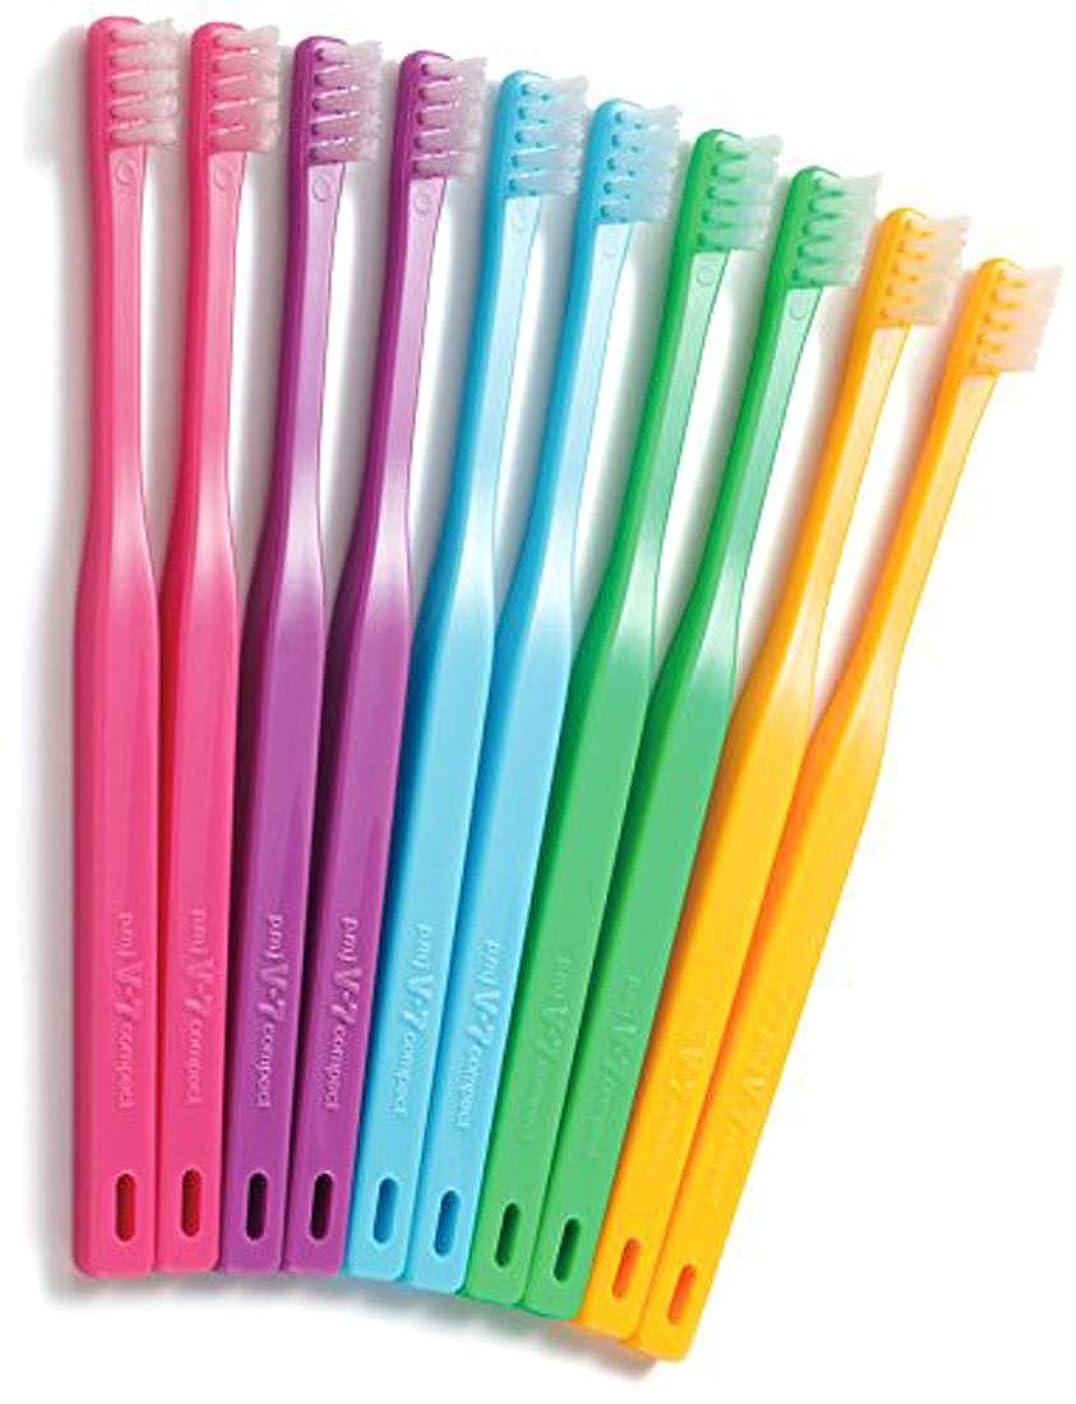 骨スタジオスリラーつまようじ法歯ブラシ V-7 コンパクトヘッド ビビッドカラー 5本